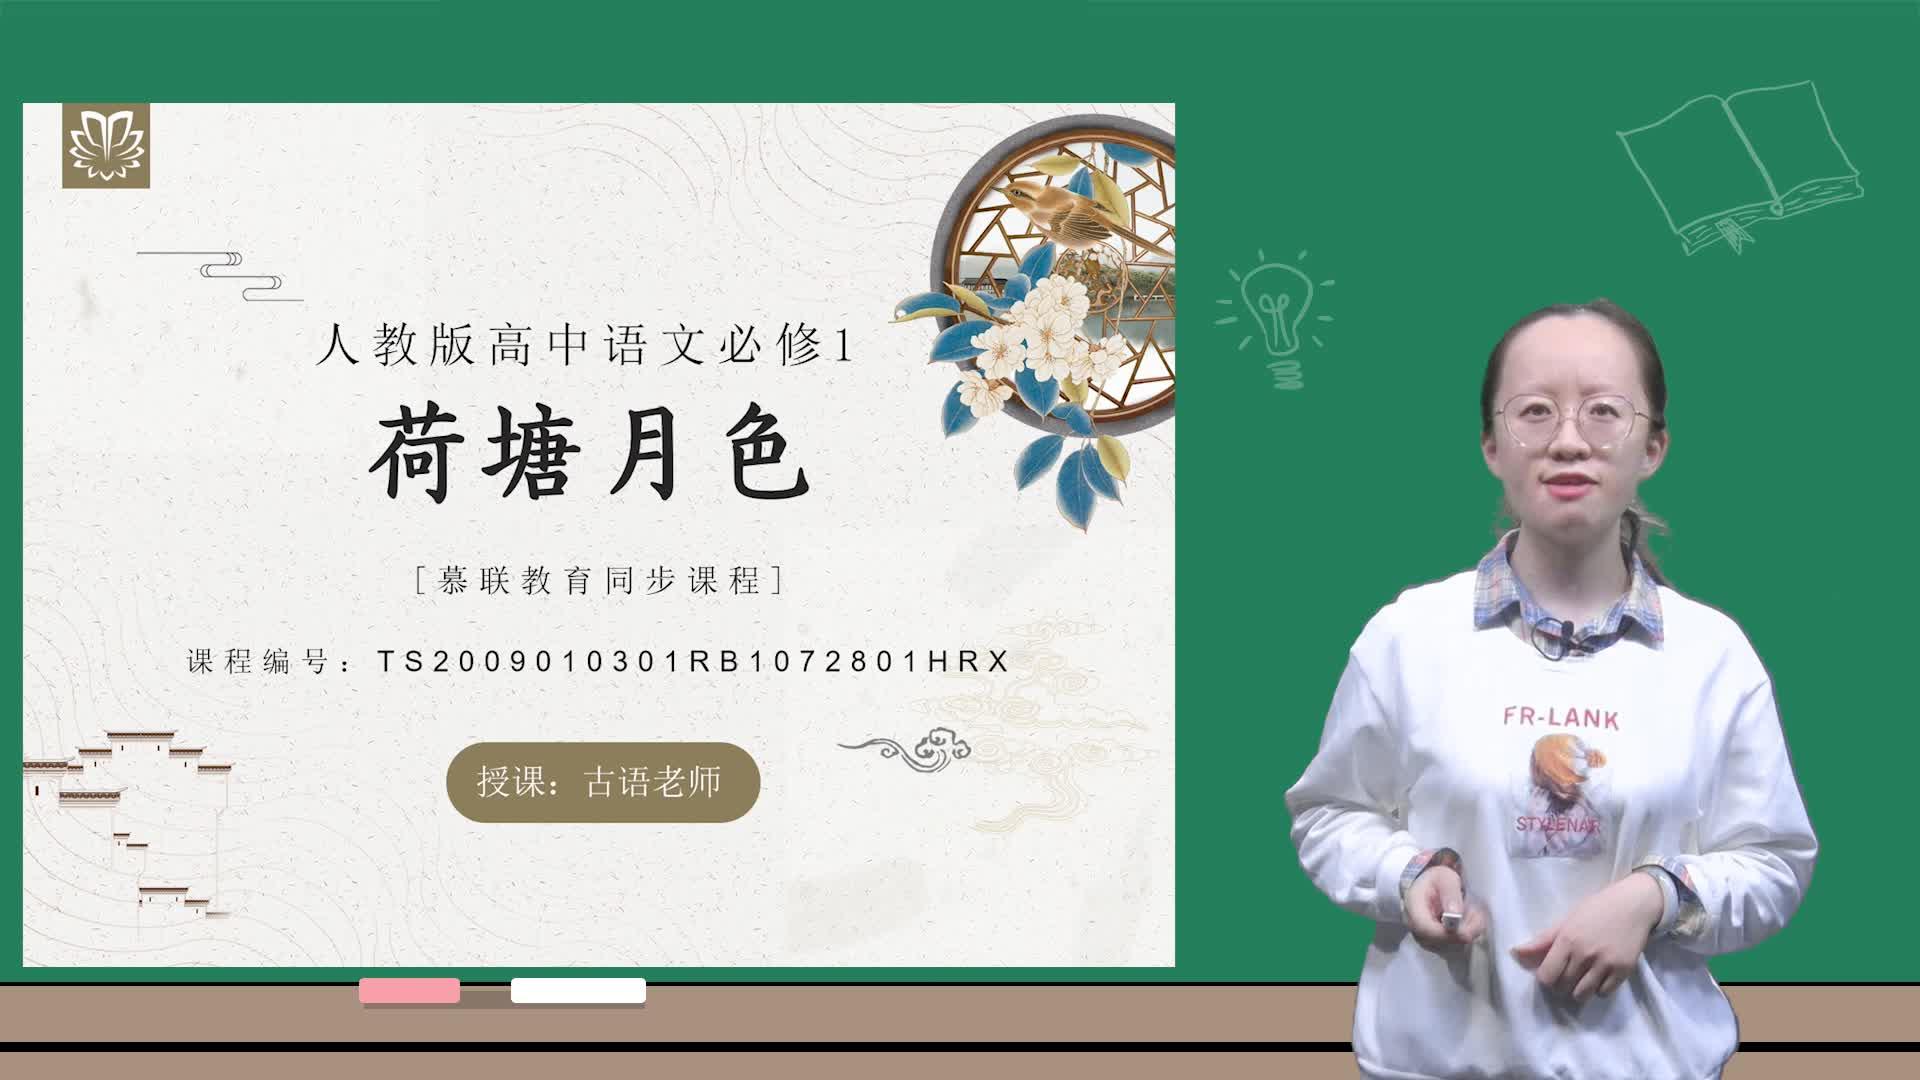 视频7.28.1荷塘月色-【慕联】高中新教材完全同步统编版语文必修上册